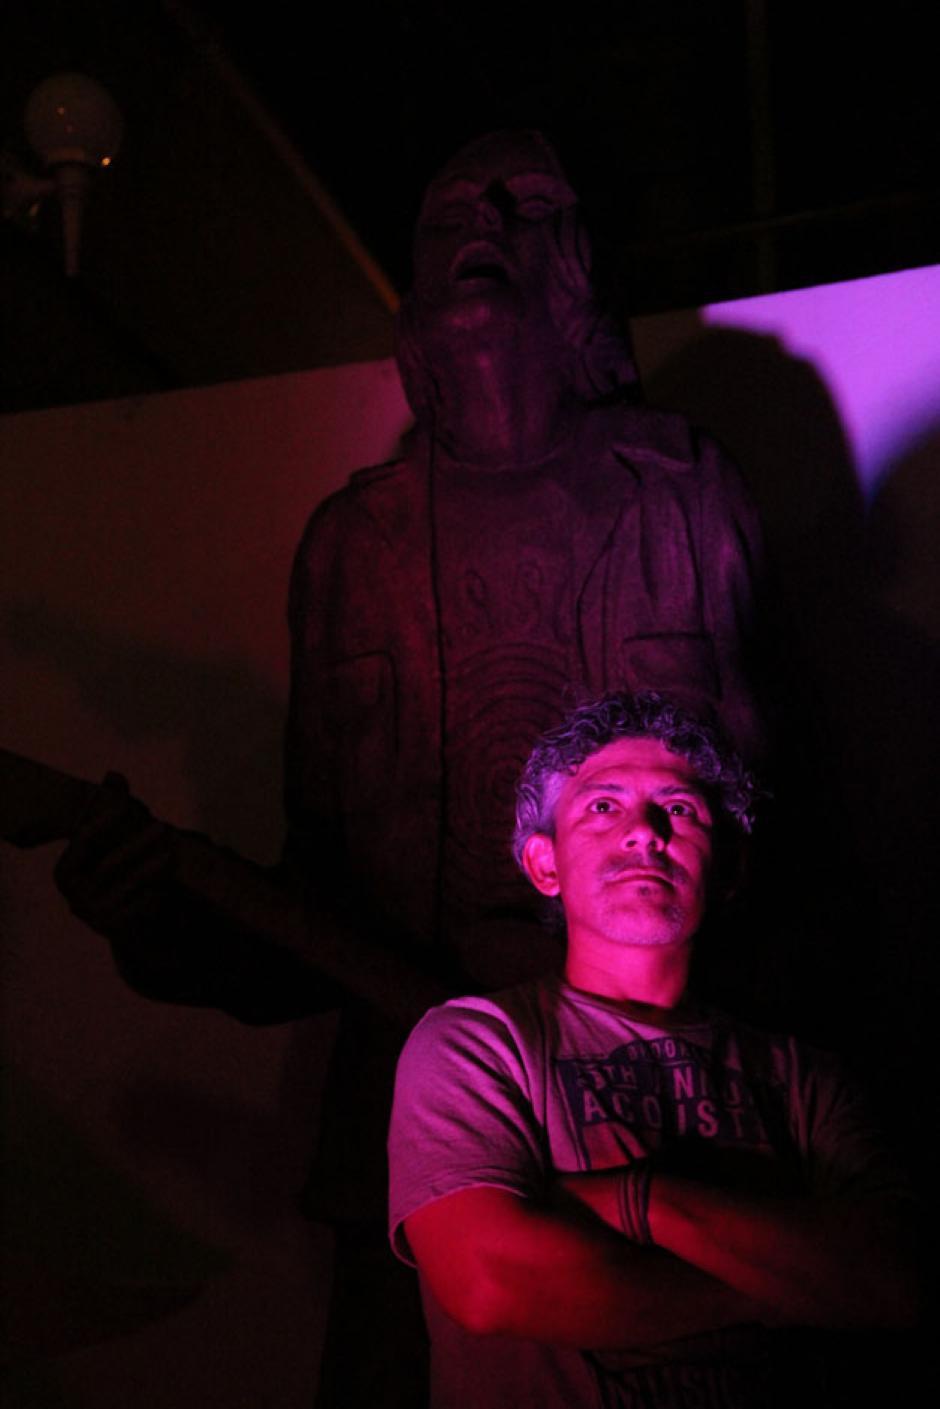 Rodrigo Álvarez, vocalista de Neurosis, realizador del evento y quien tallara la estatua de Kurt Cobain, observa el concierto. (Foto: Alexis Batres/Soy502)